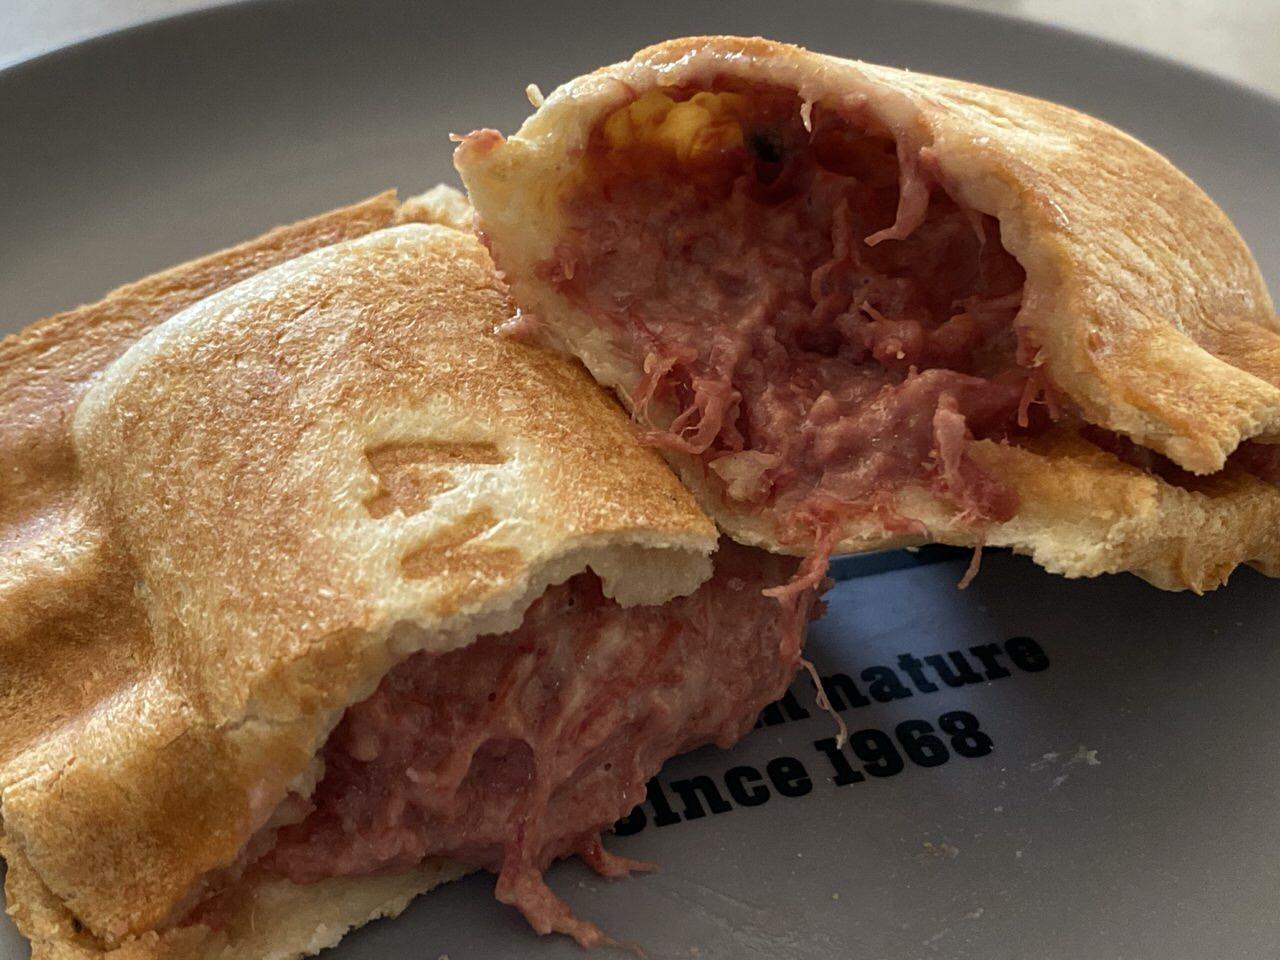 「ホットサンドソロ」コンビーフ+マヨネーズ+とろけるチーズのレシピ 14